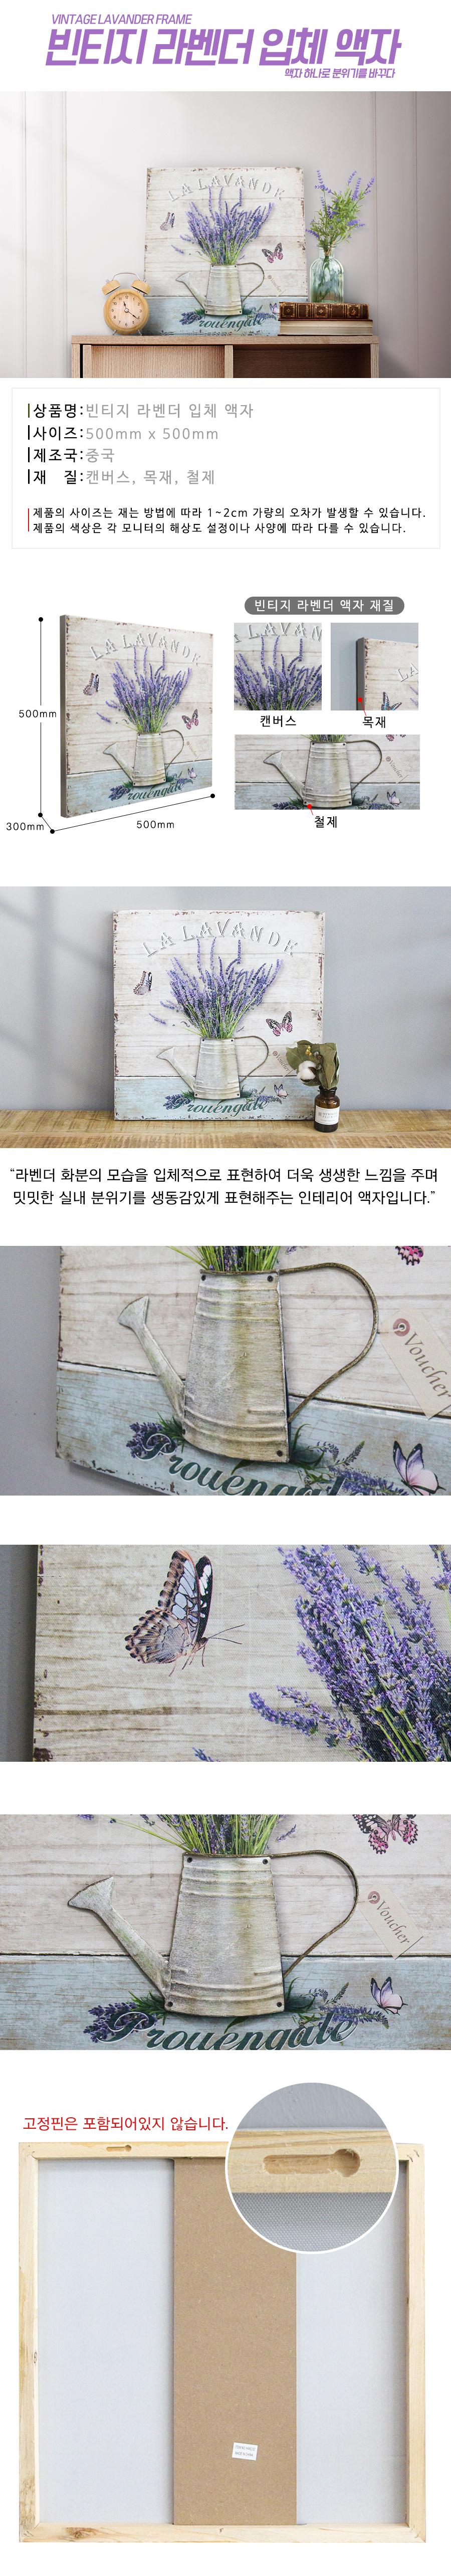 인테리어 라벤더 그림 액자 2종 - 미트라샵, 31,000원, 액자, 벽걸이액자